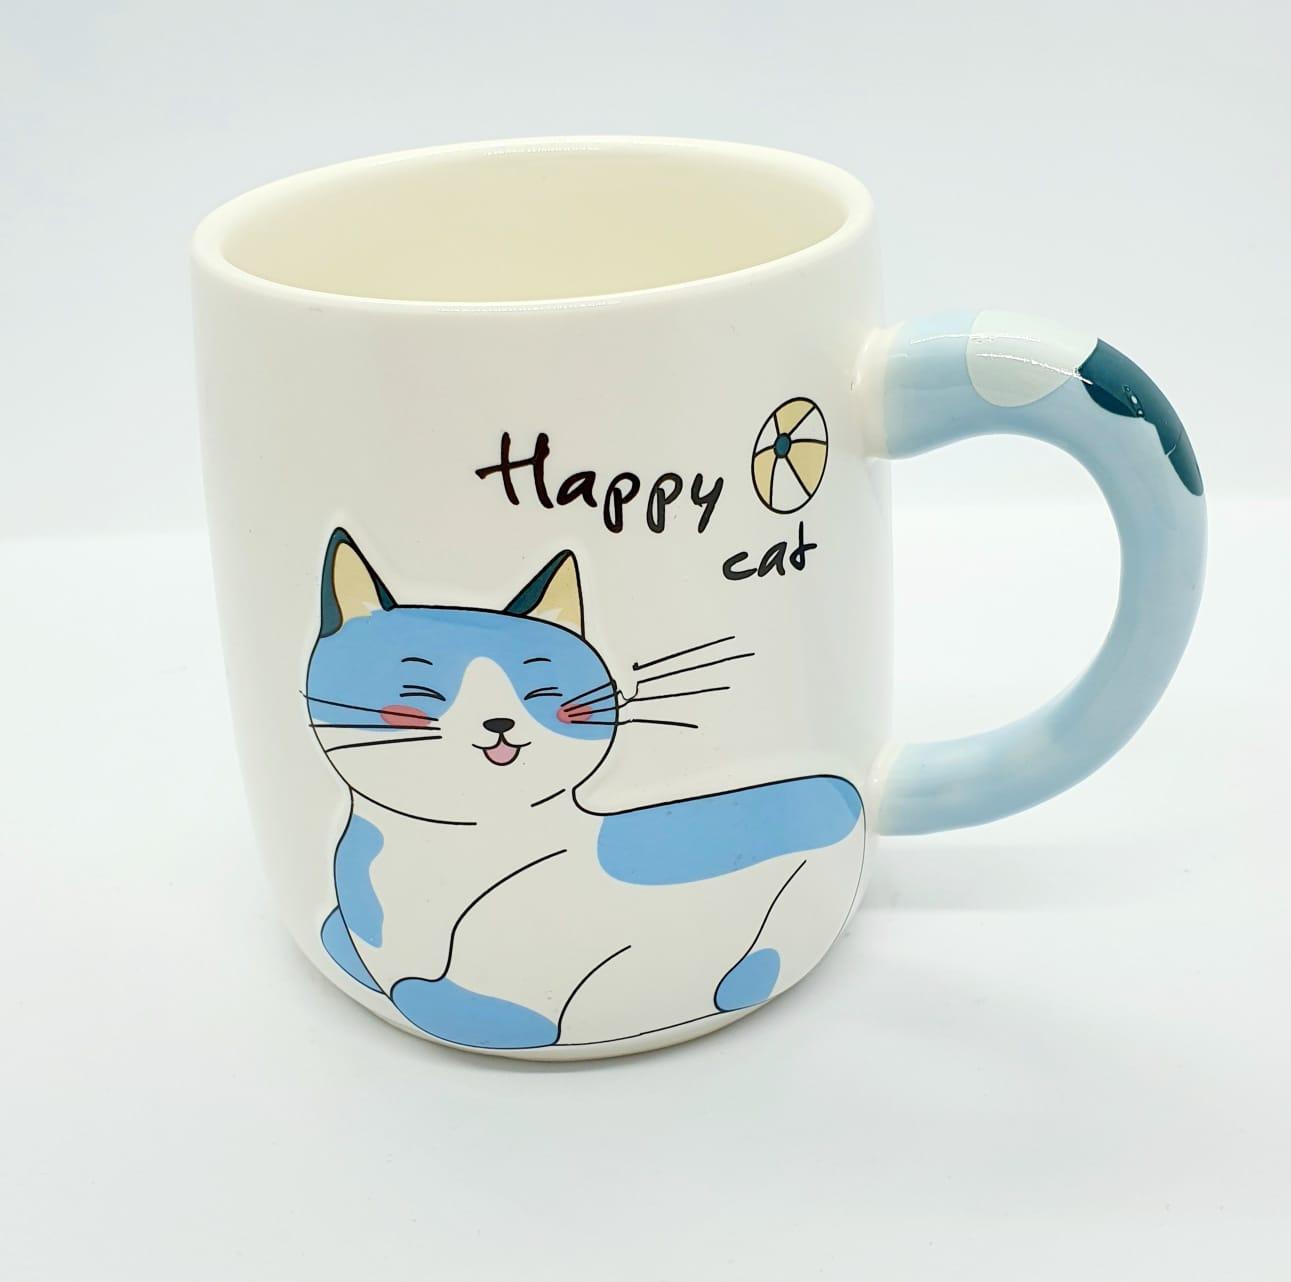 Caneca/Vaso gatinho Happy cat em cerâmica - azul - 400ml